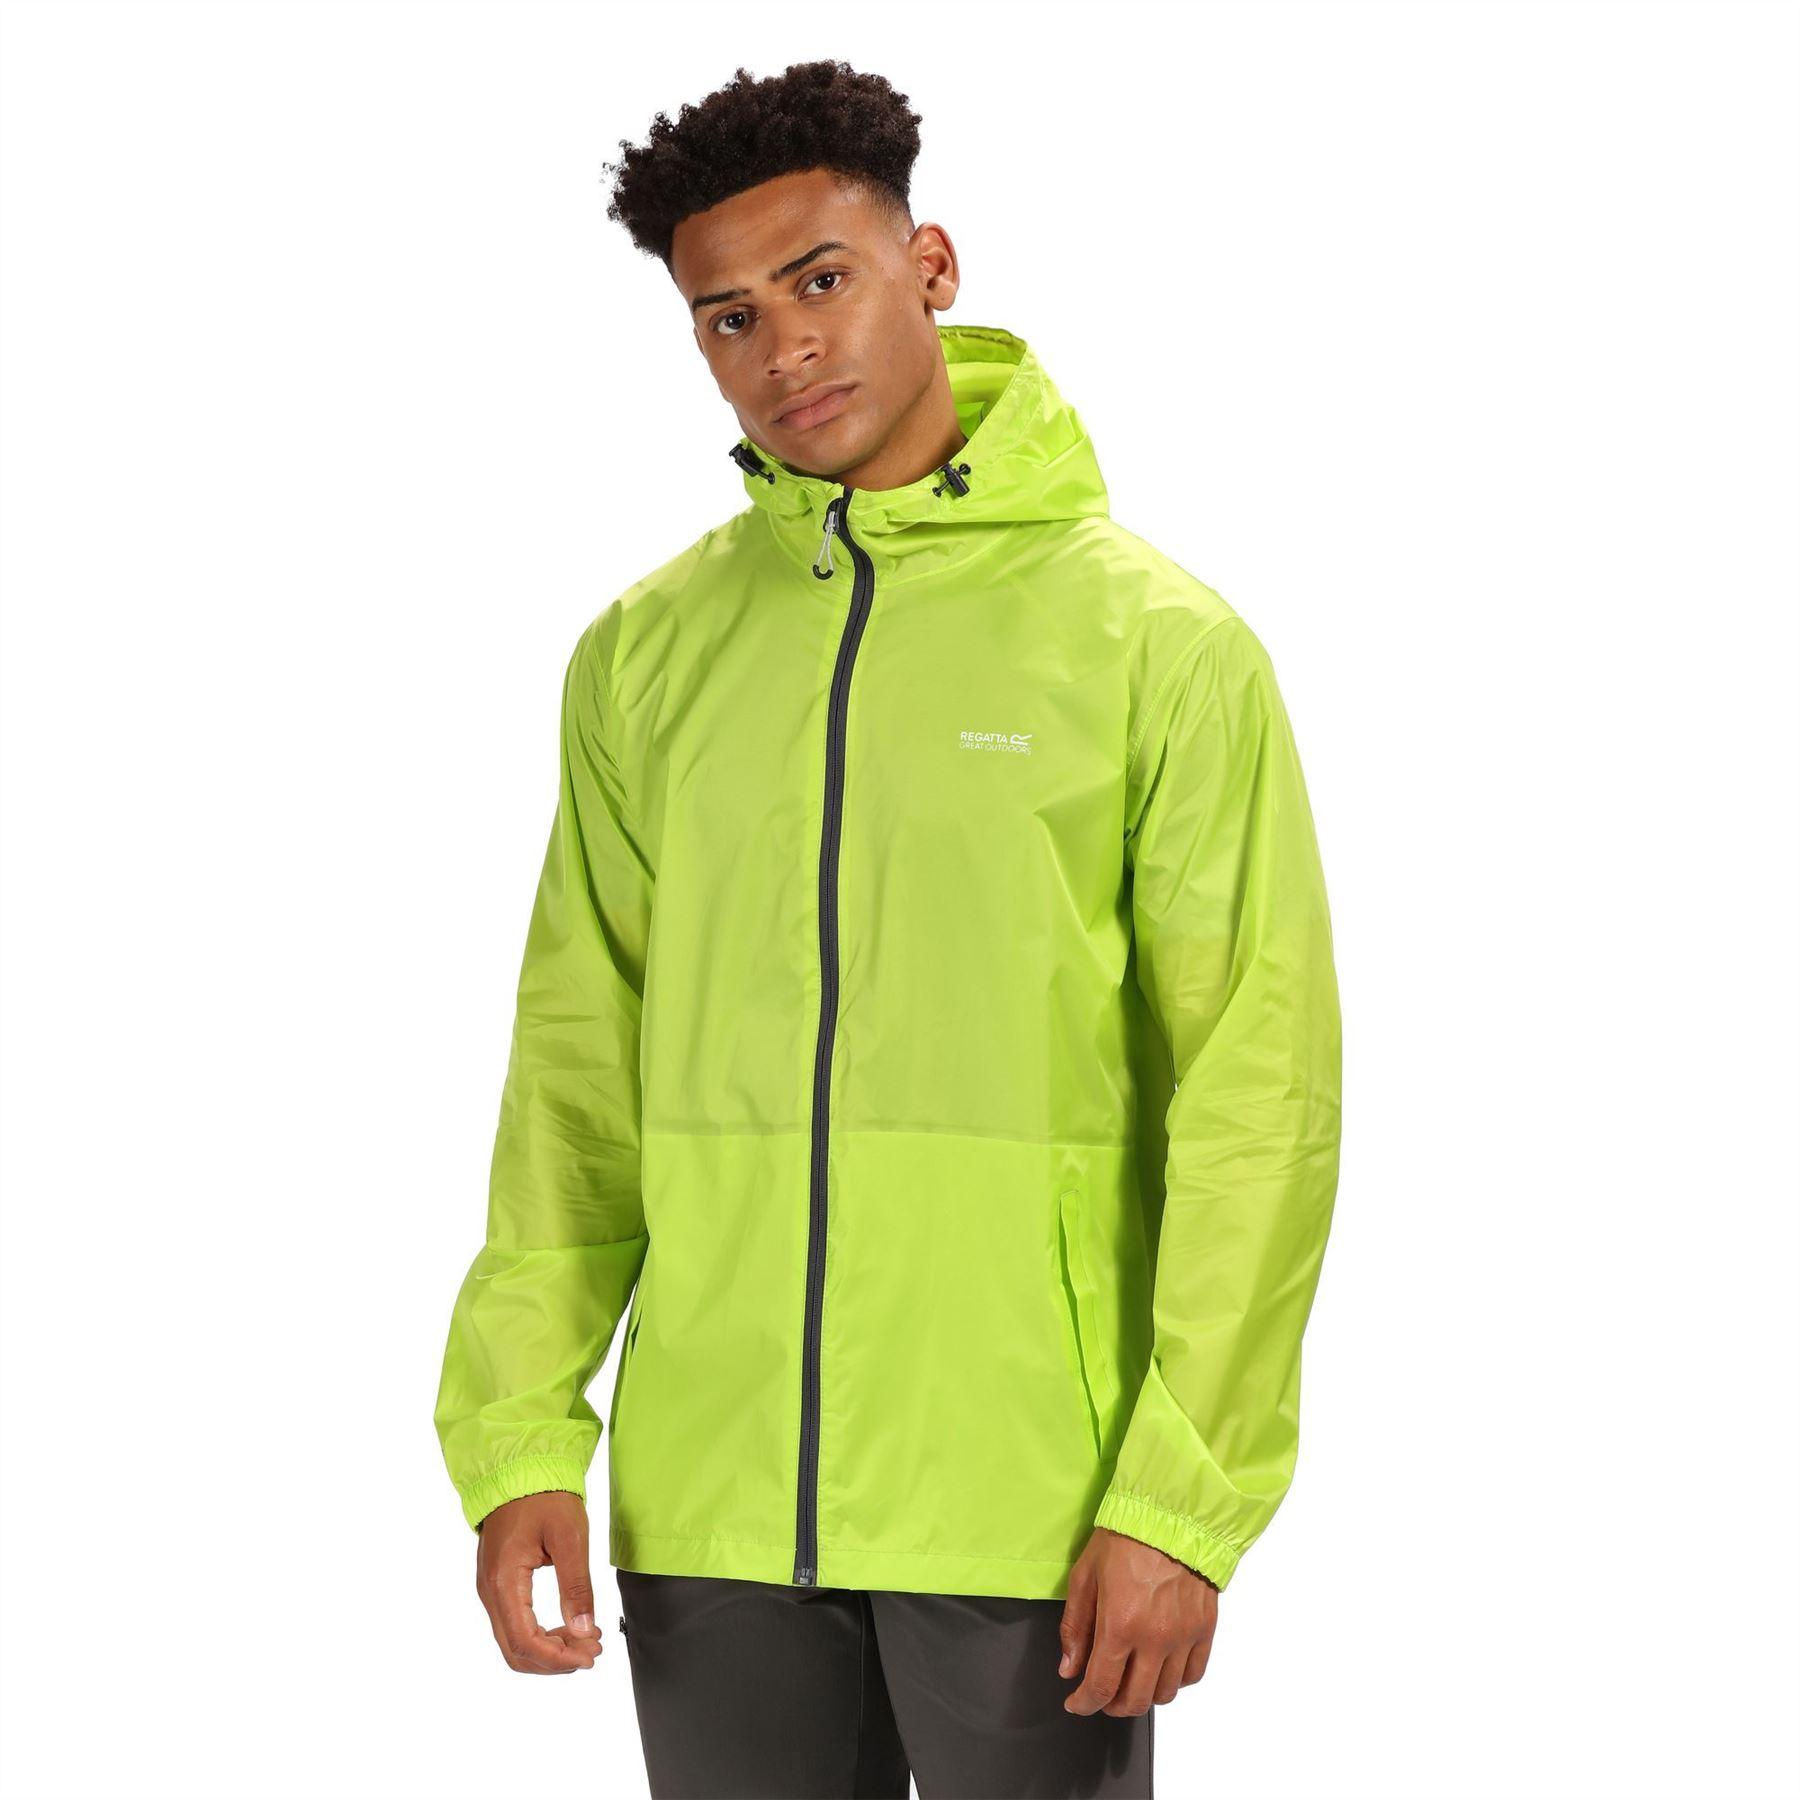 miniatuur 27 - Regatta Mens Pack-it In a bag Packable Waterproof Jacket Outdoor Pack a mac